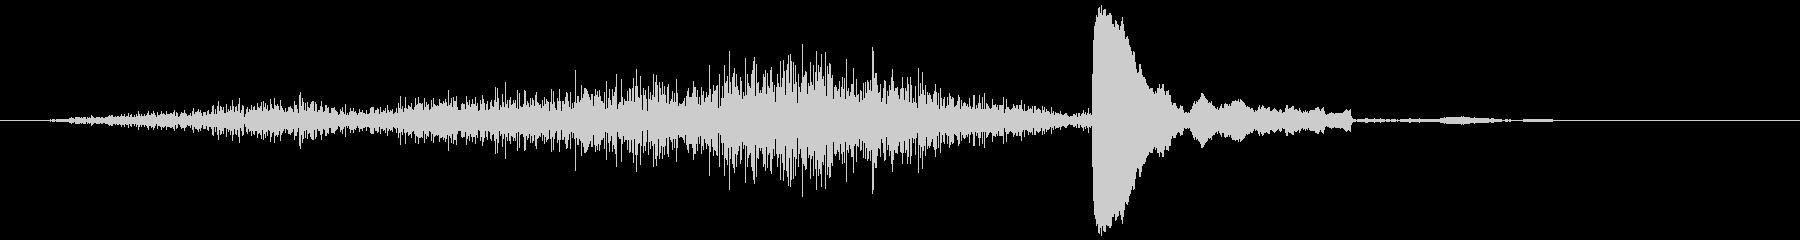 ビープ音が鳴る26の未再生の波形